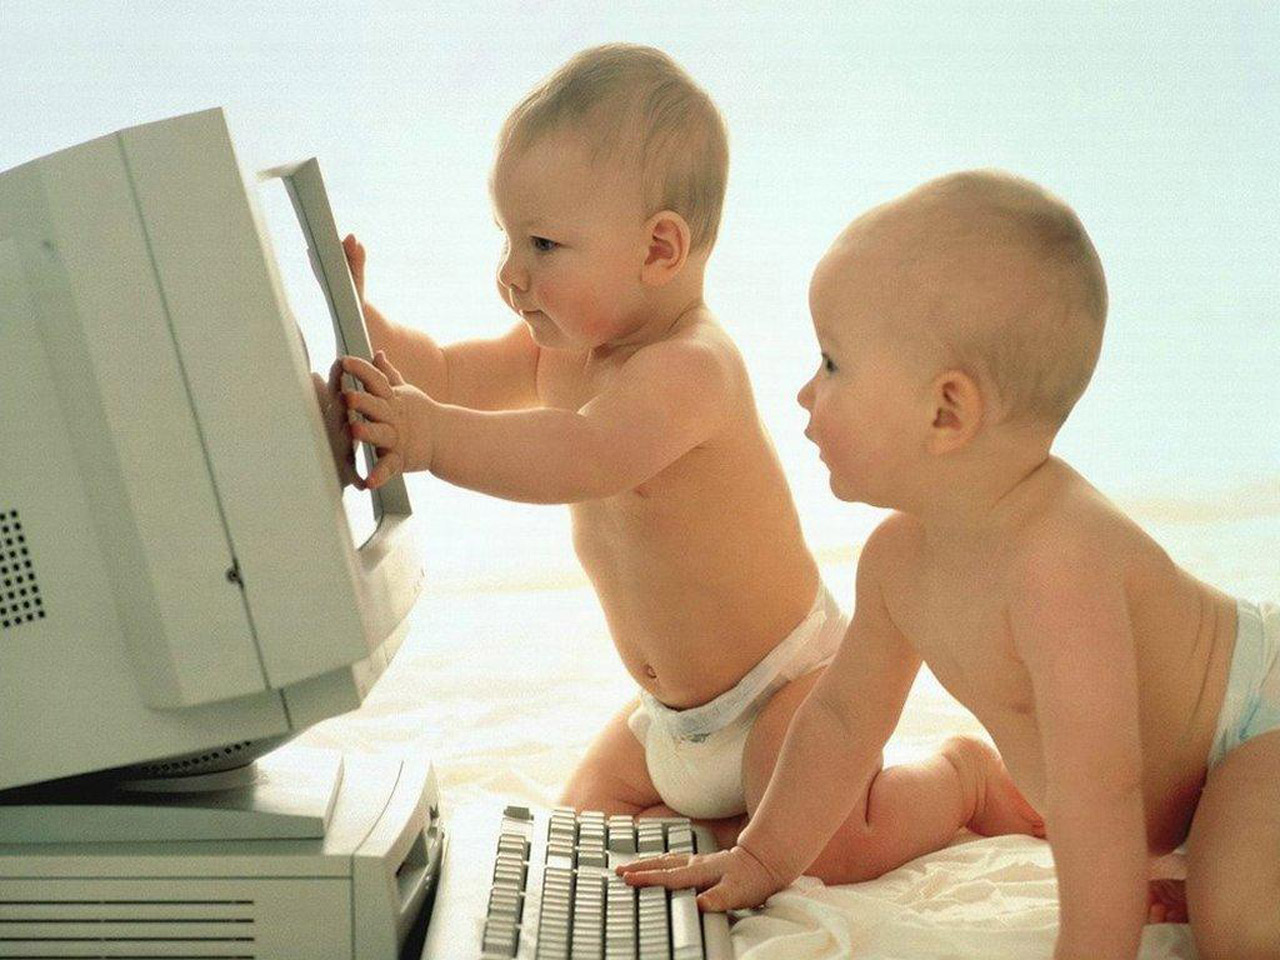 cute-babies-wallpapers- (4)